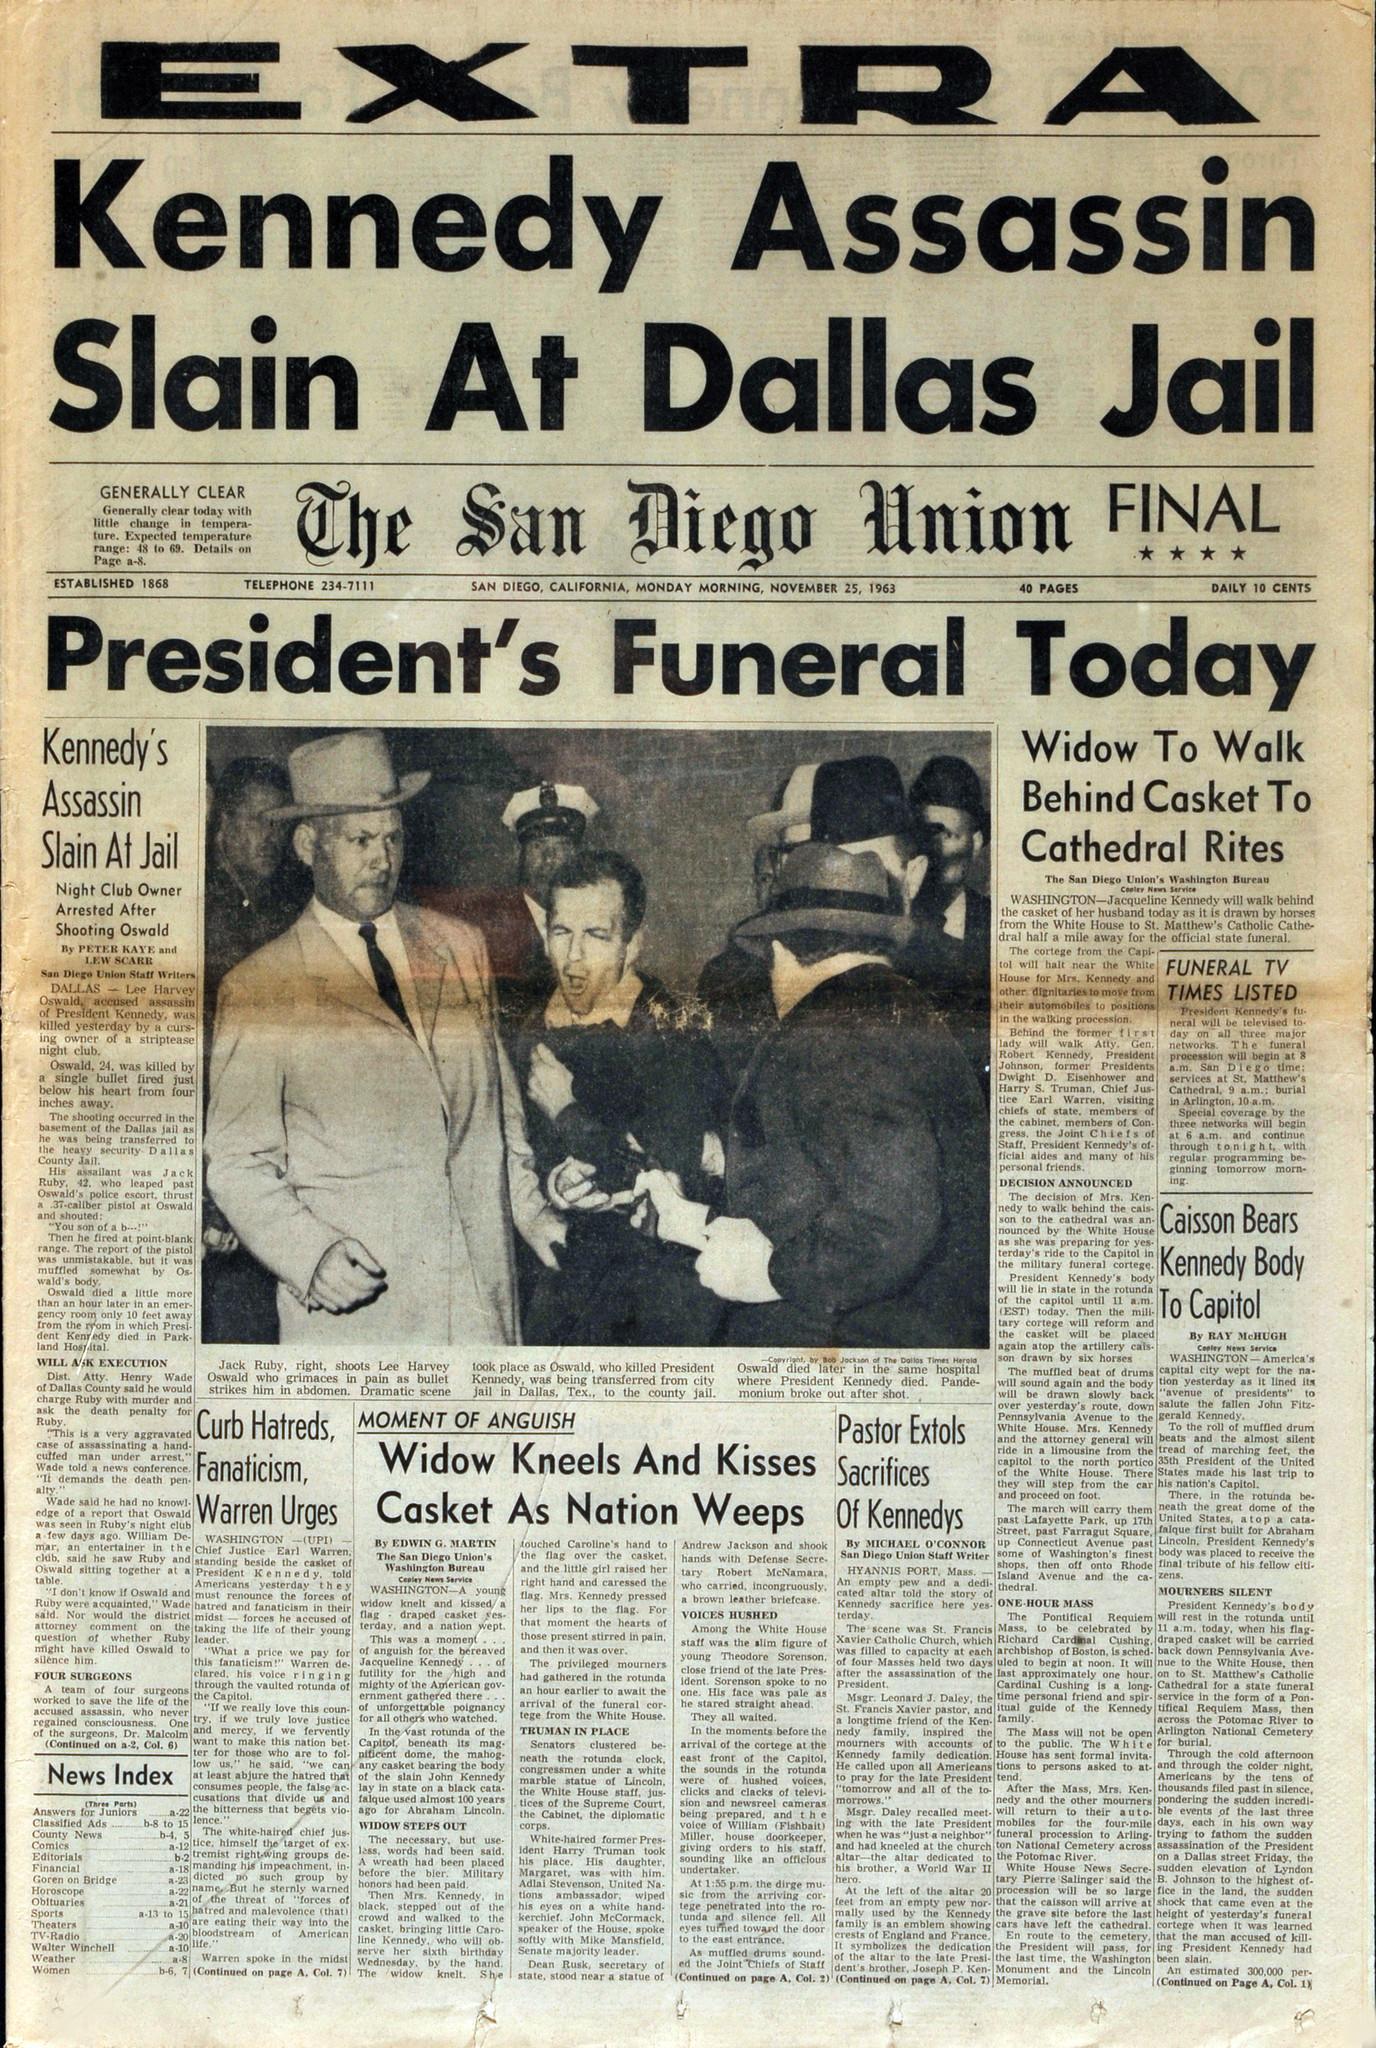 November 25, 1963